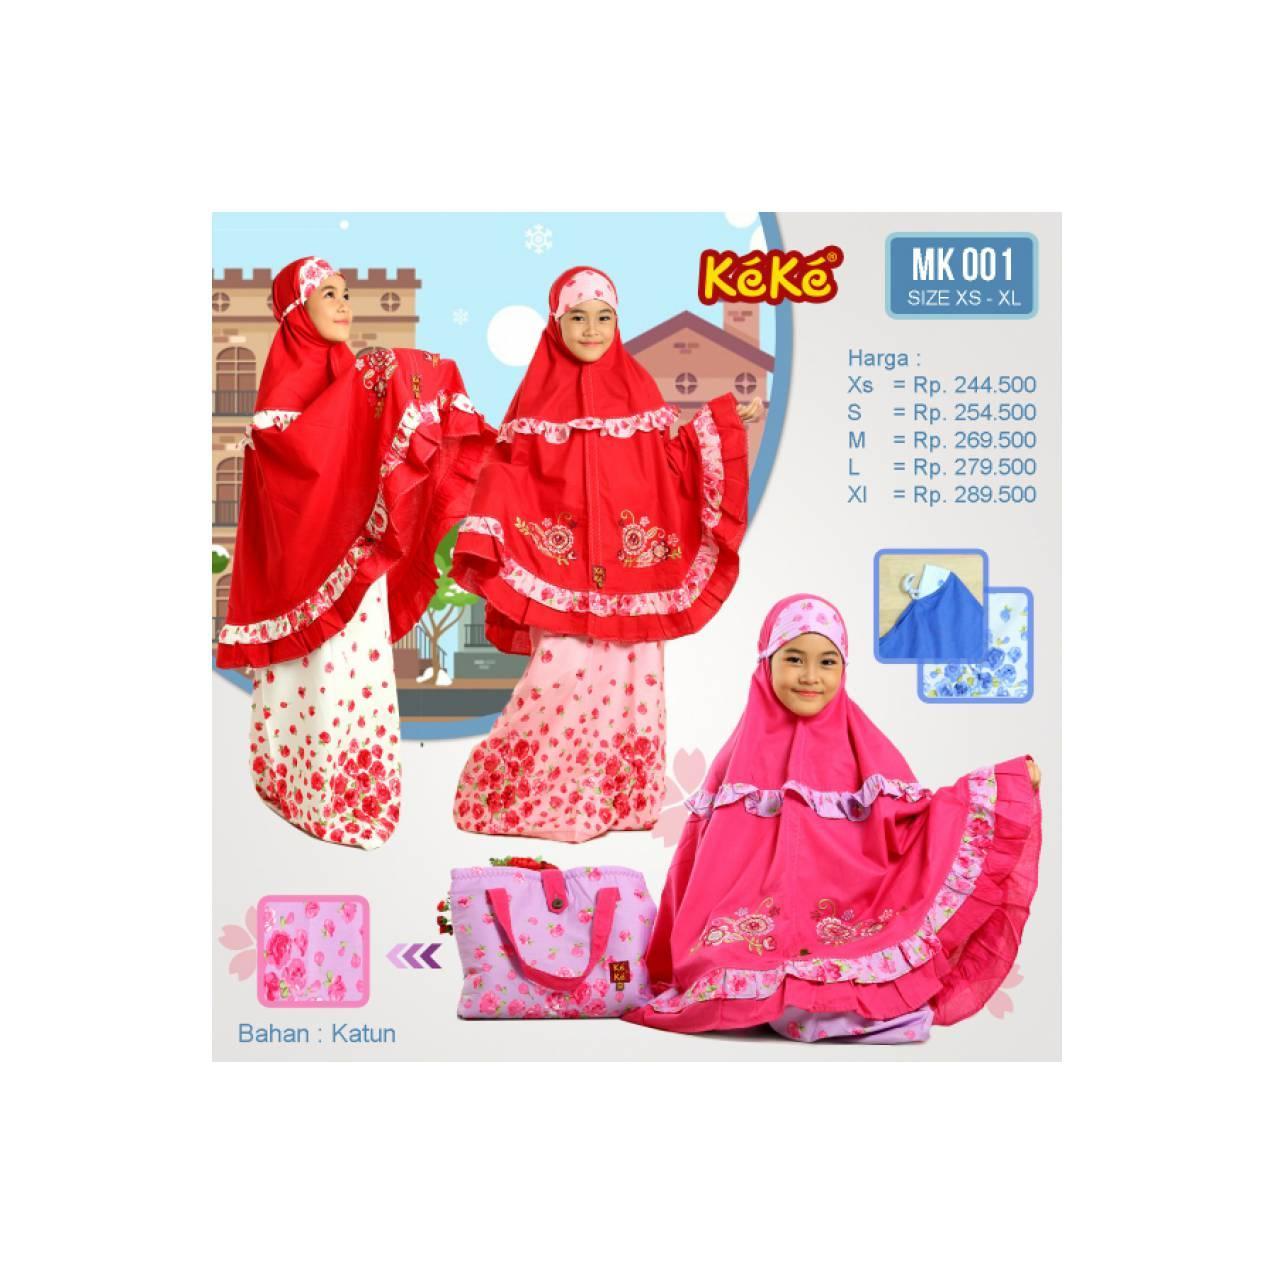 Qonitah Project Size XS Mukena Anak Original Keke Busana Muslim MK 001